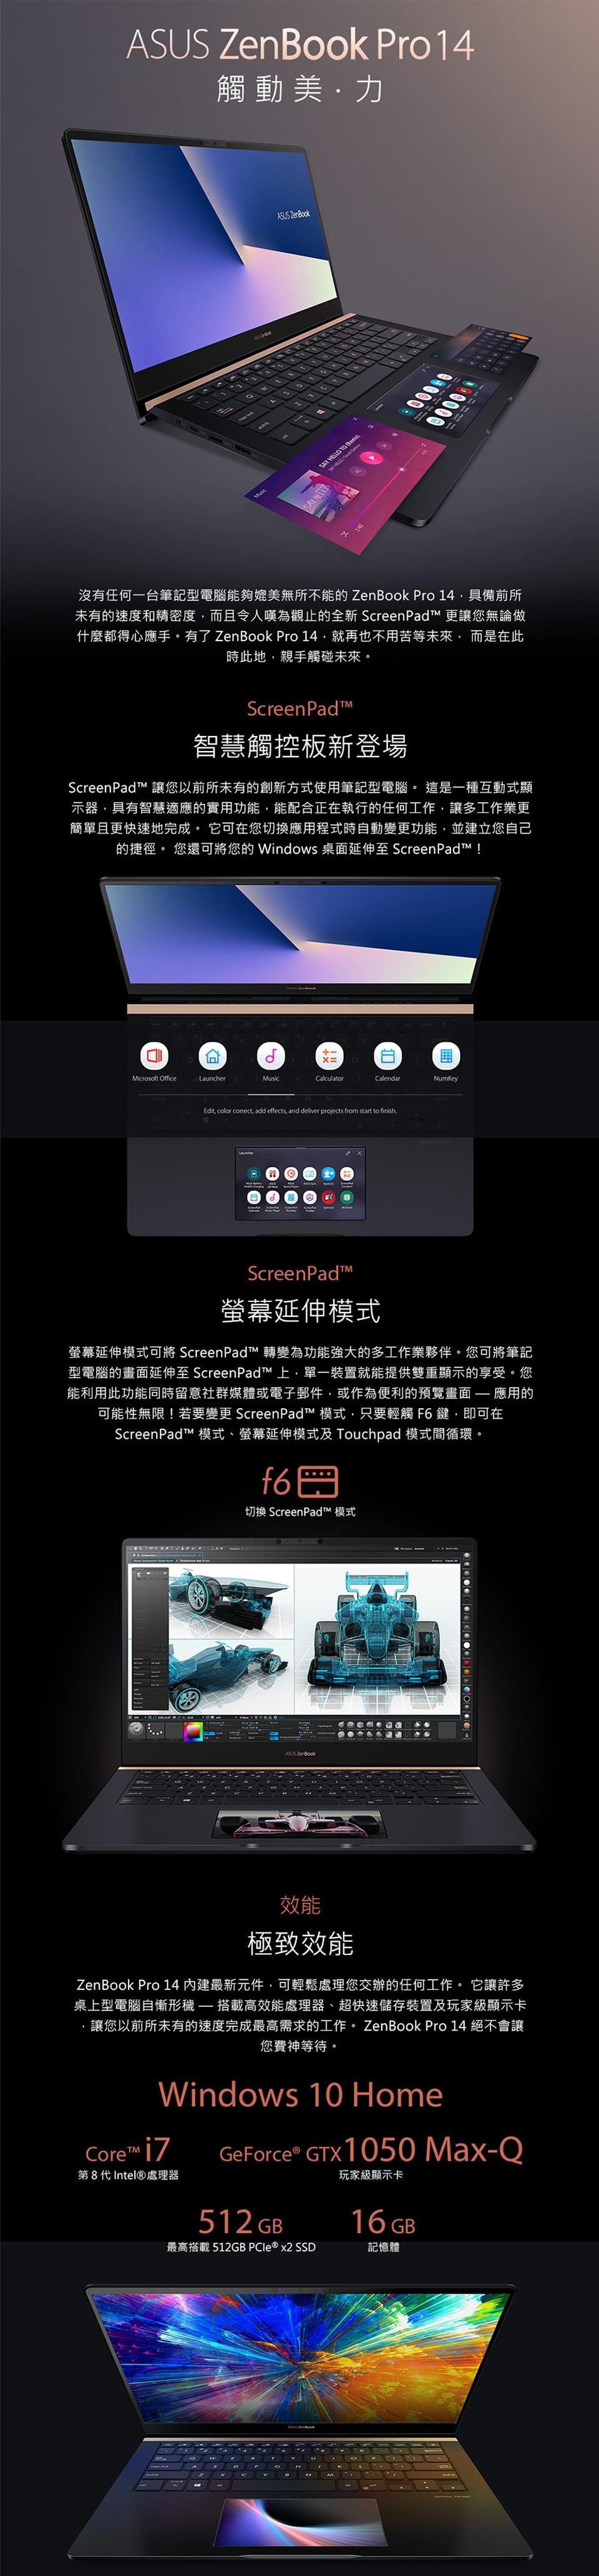 【強檔優惠】ASUS ZenBook Pro 14 UX480FD-0031A8265U 頂級繪圖觸控板效能筆電 藍/i5-8265U/8GB/512GSSD/GTX 1050 MAX Q ...